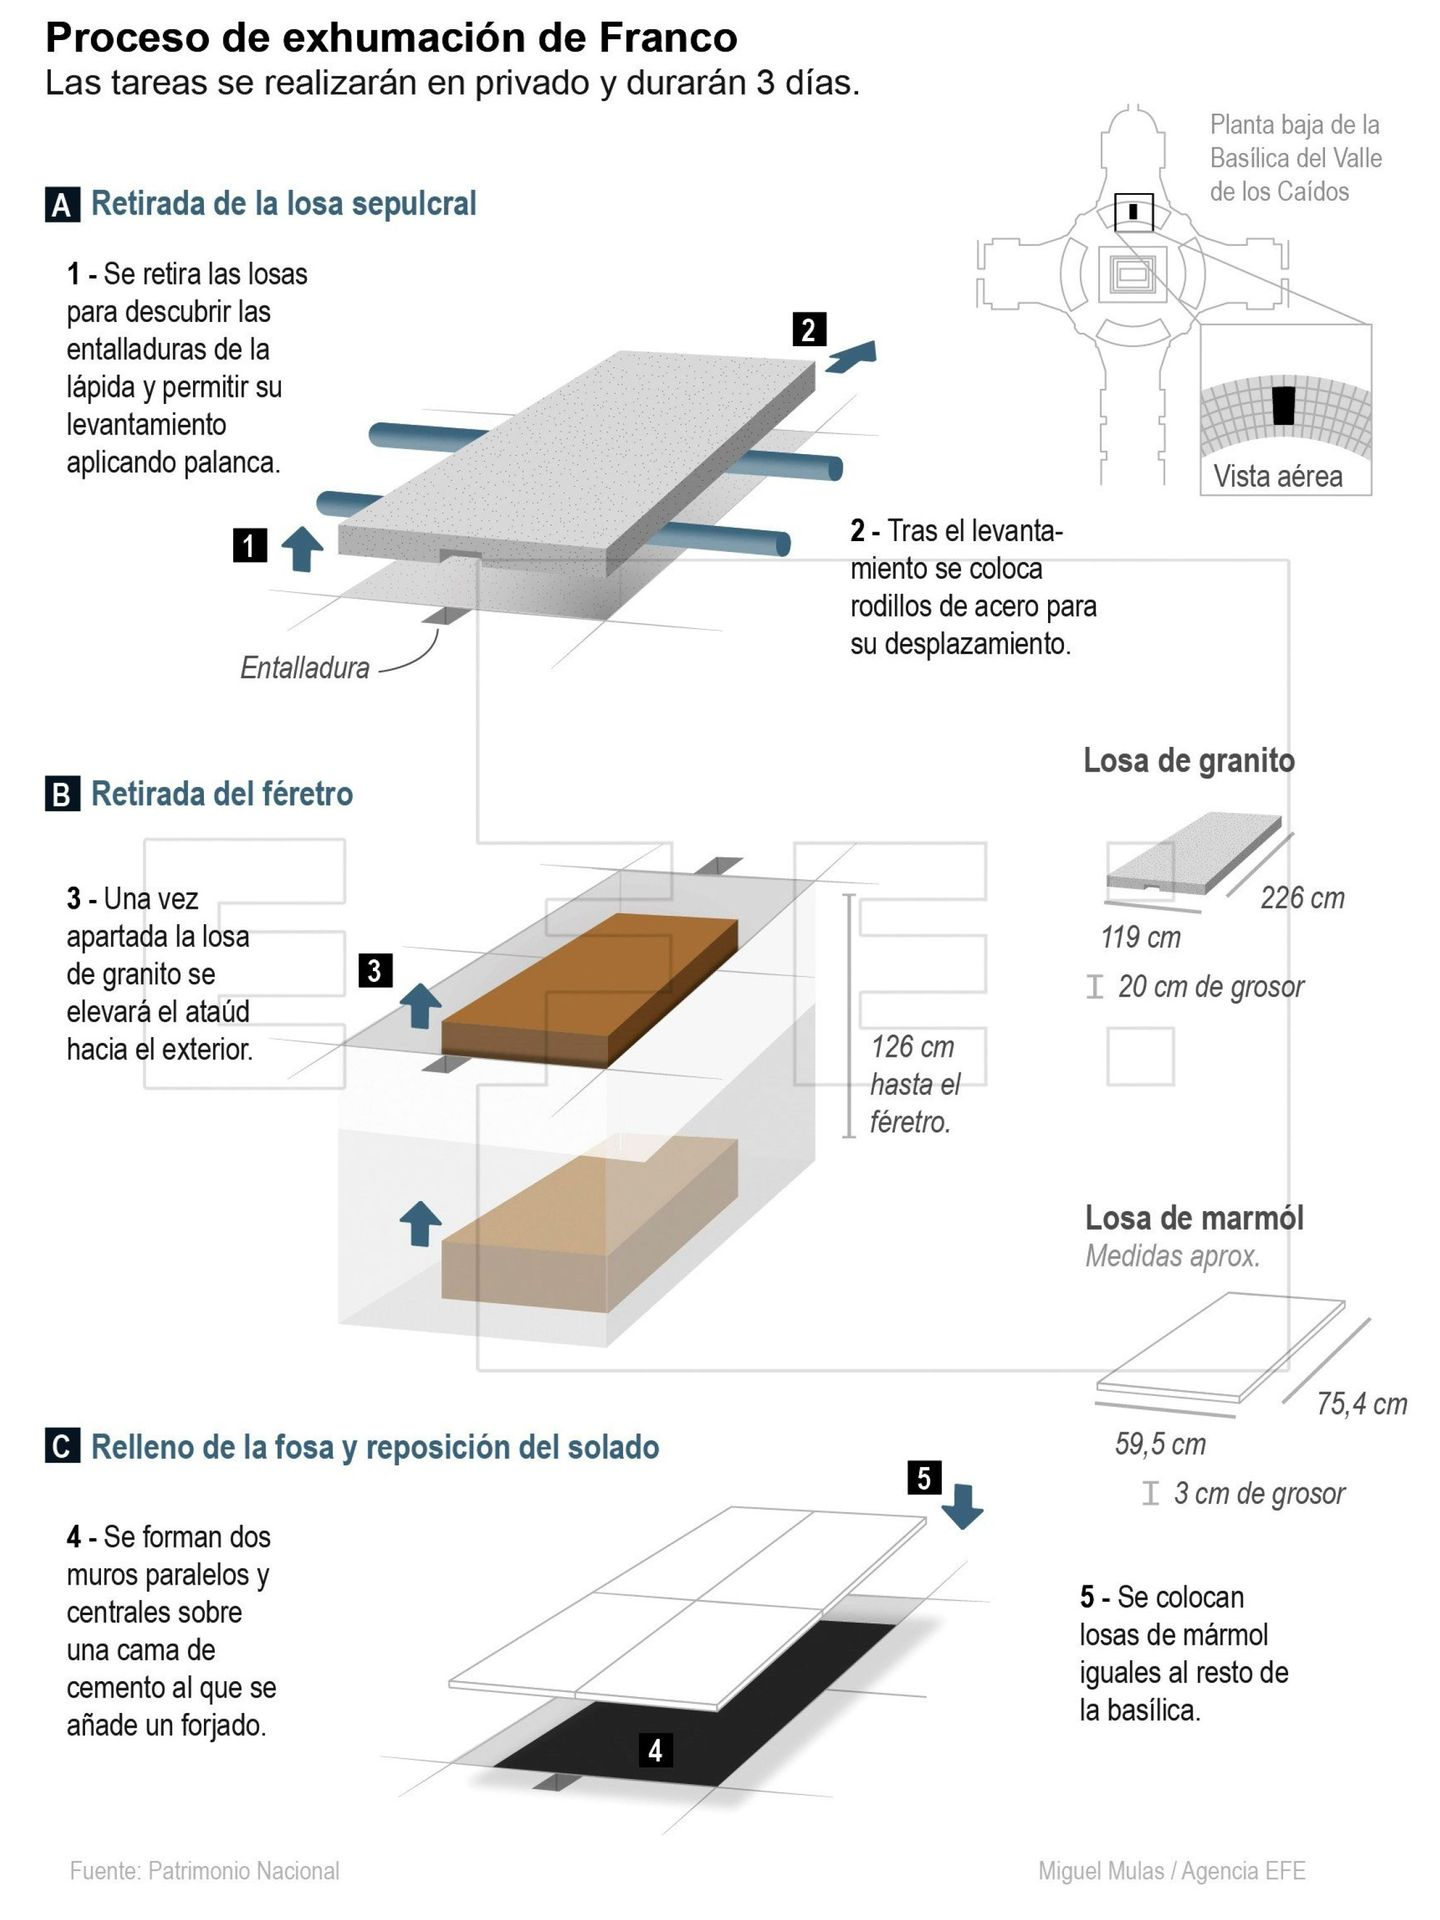 El proceso de exhumación de Franco. (EFE)